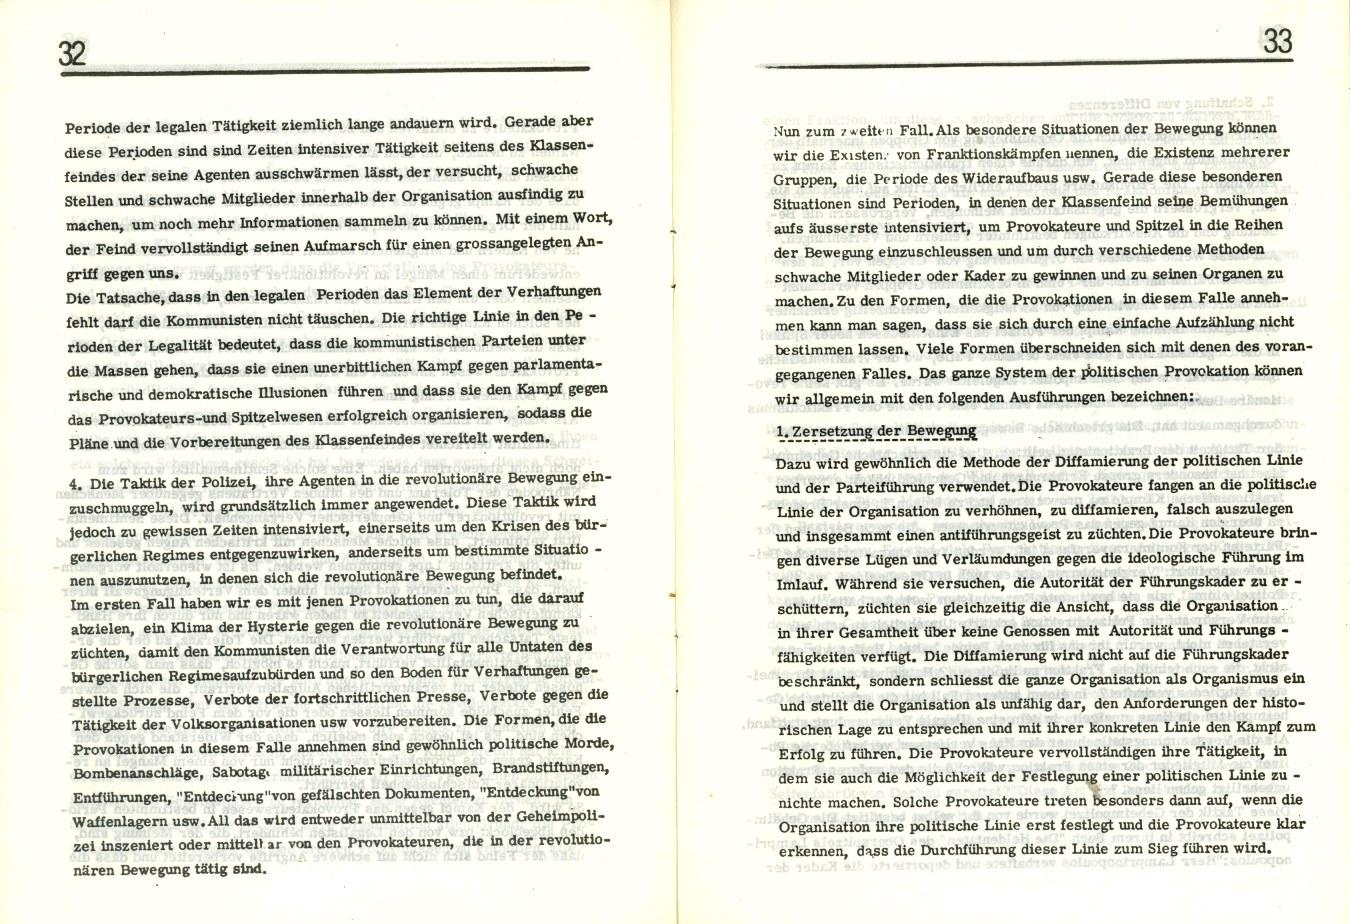 Griechenland_Griechische_ML_1971_Dokumente_01_17